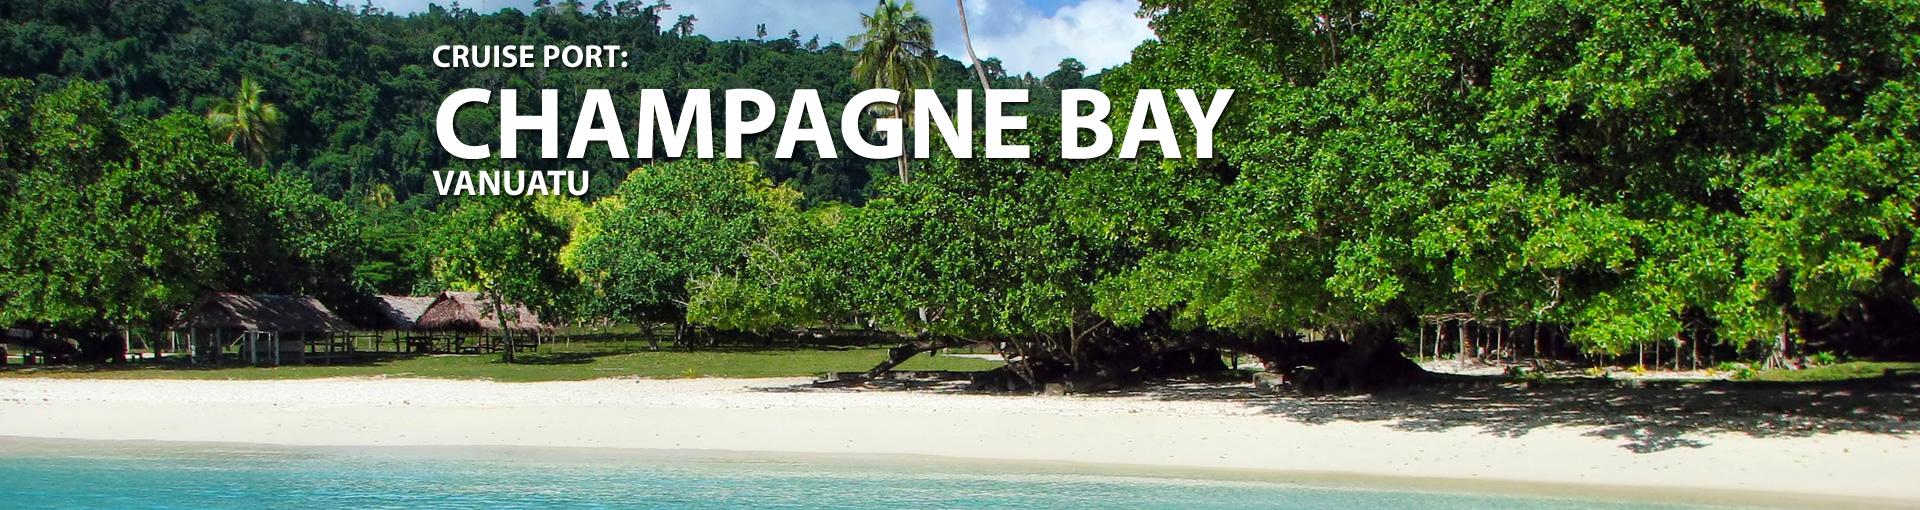 Champagne Bay, Vanuatu cruise port